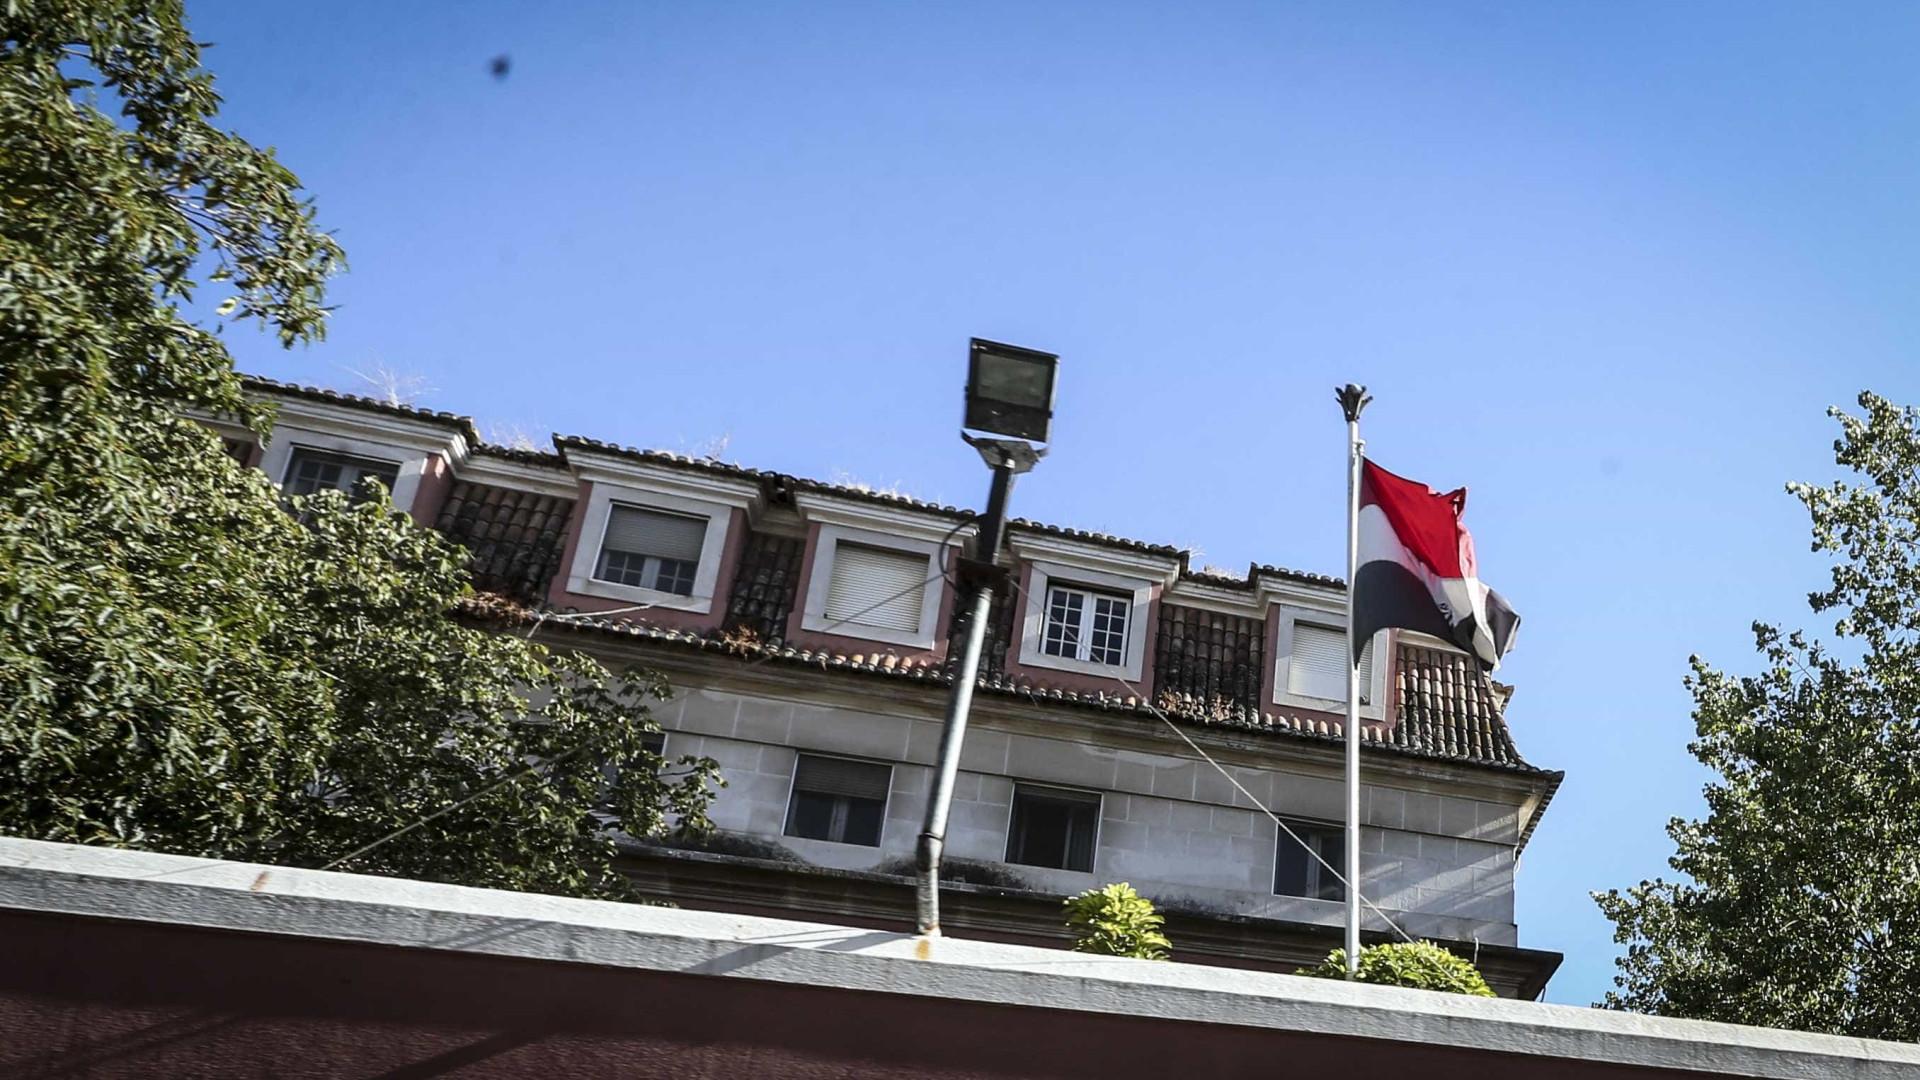 Acusação: Portugal envia carta rogatória para notificar gémeos iraquianos